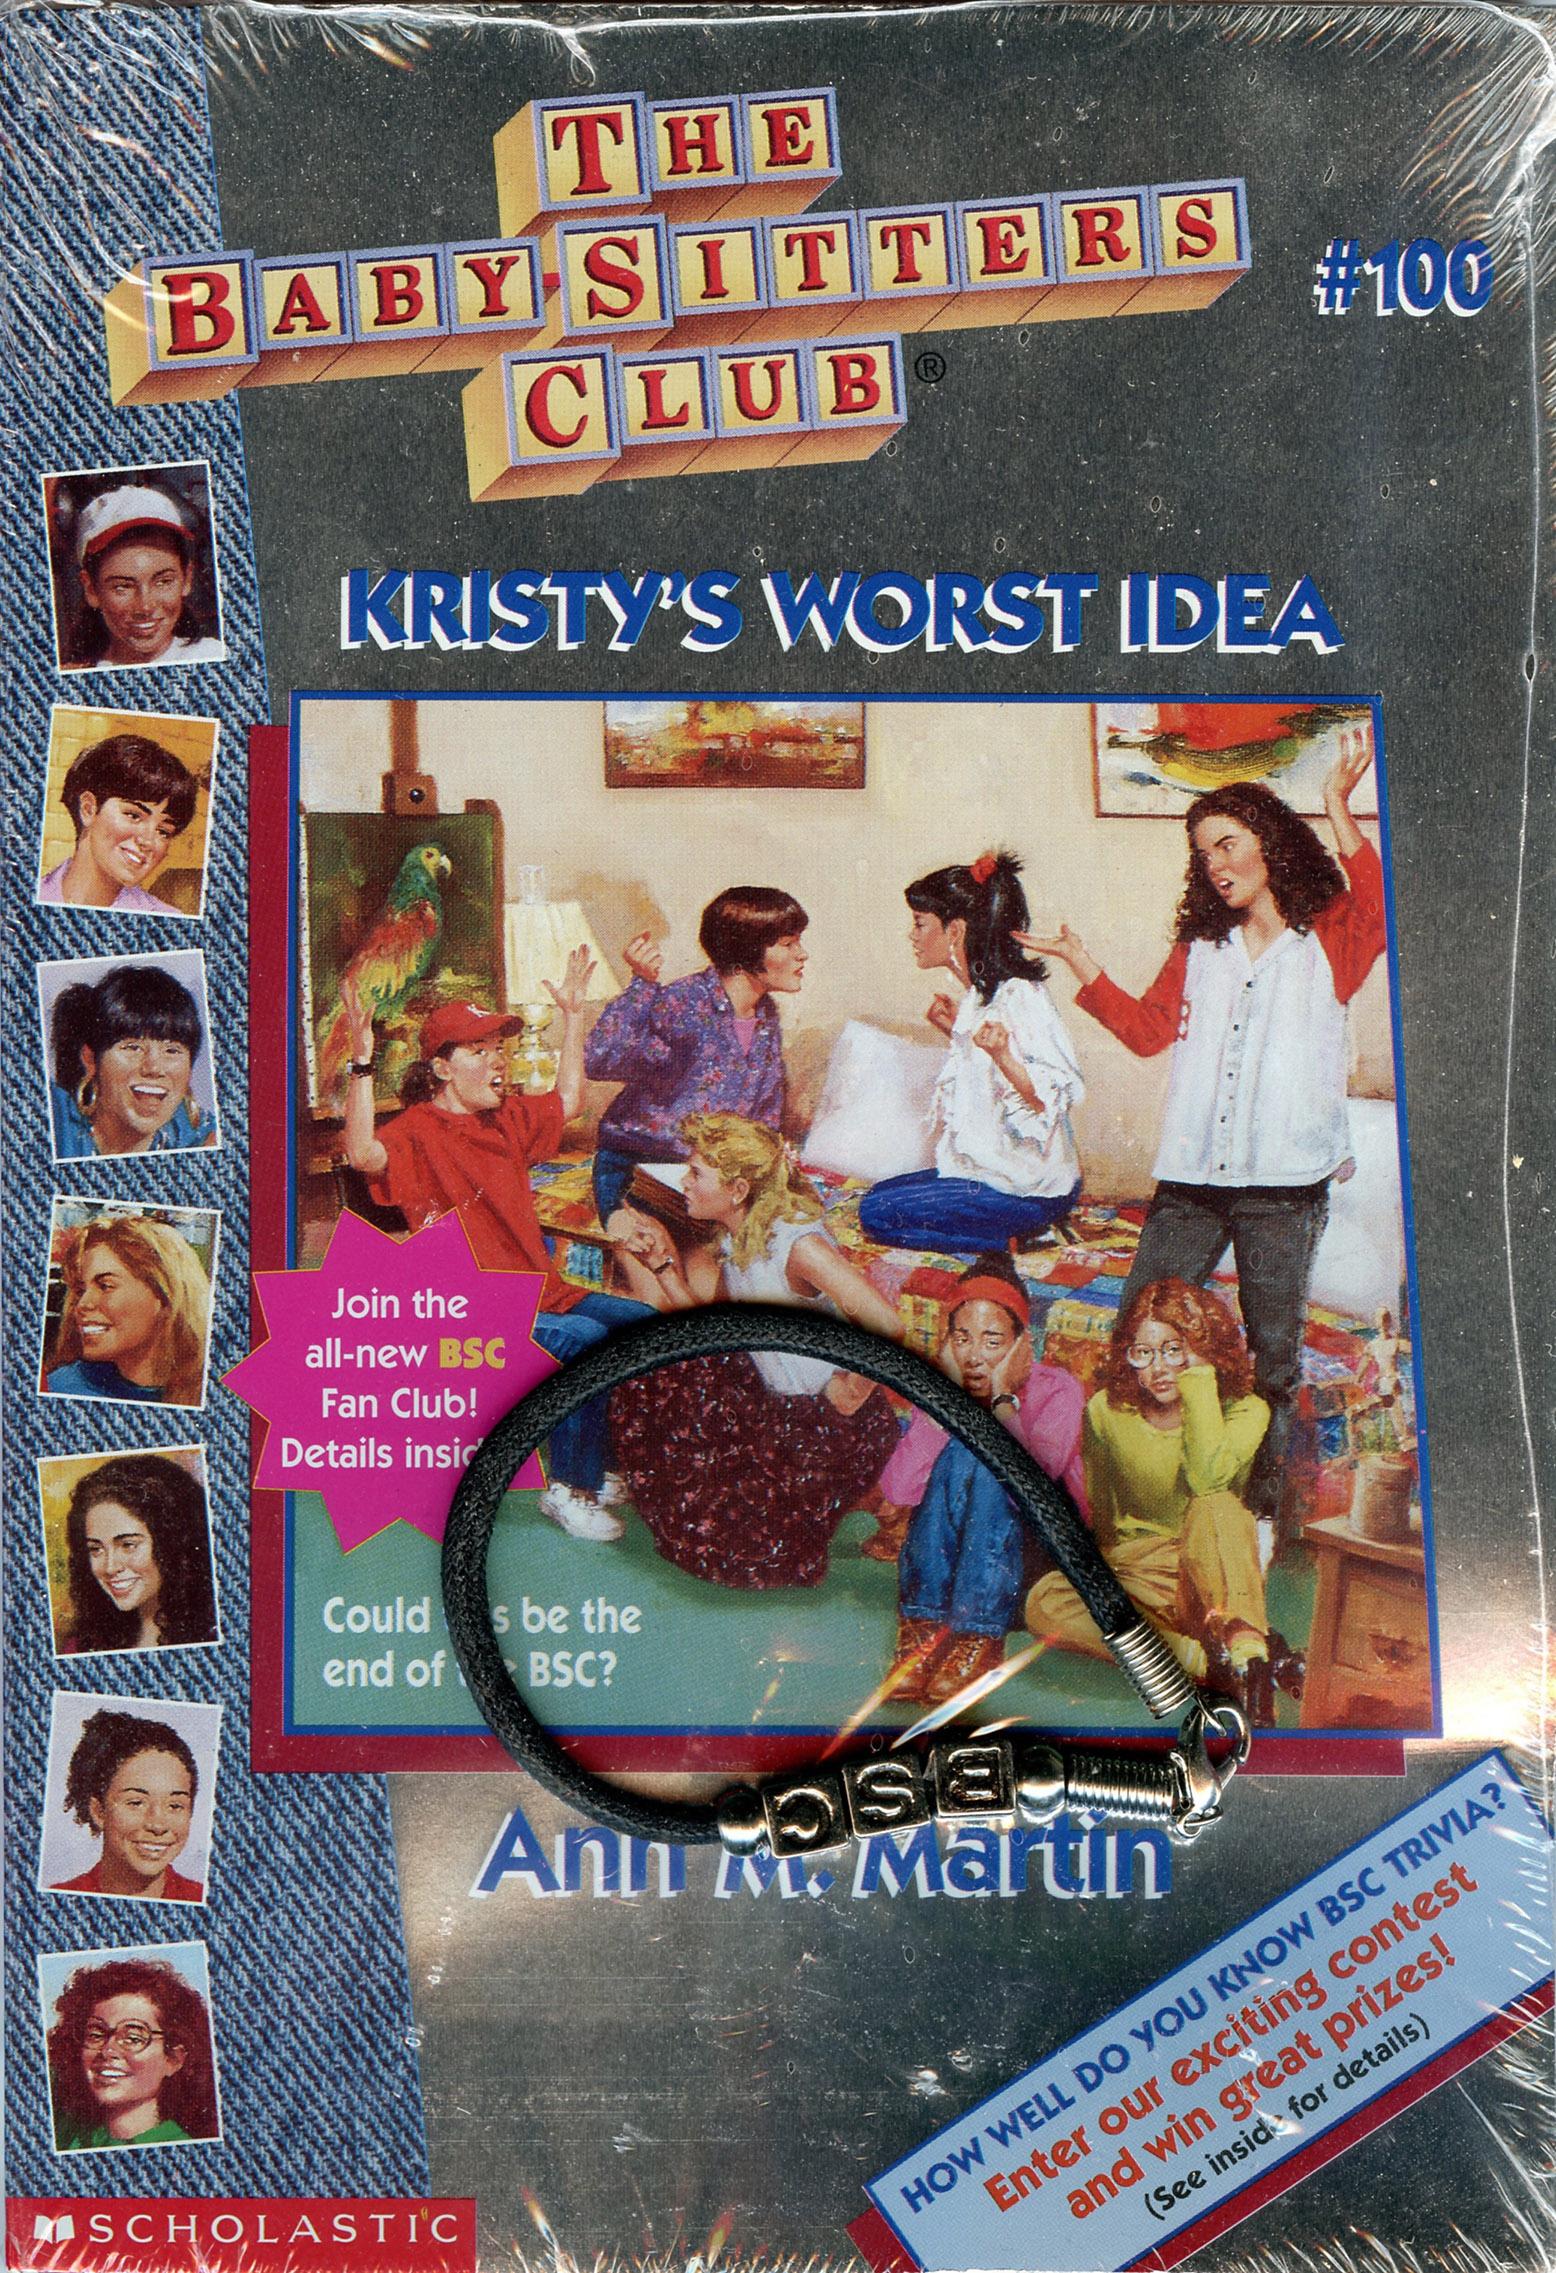 Kristy's Worst Idea